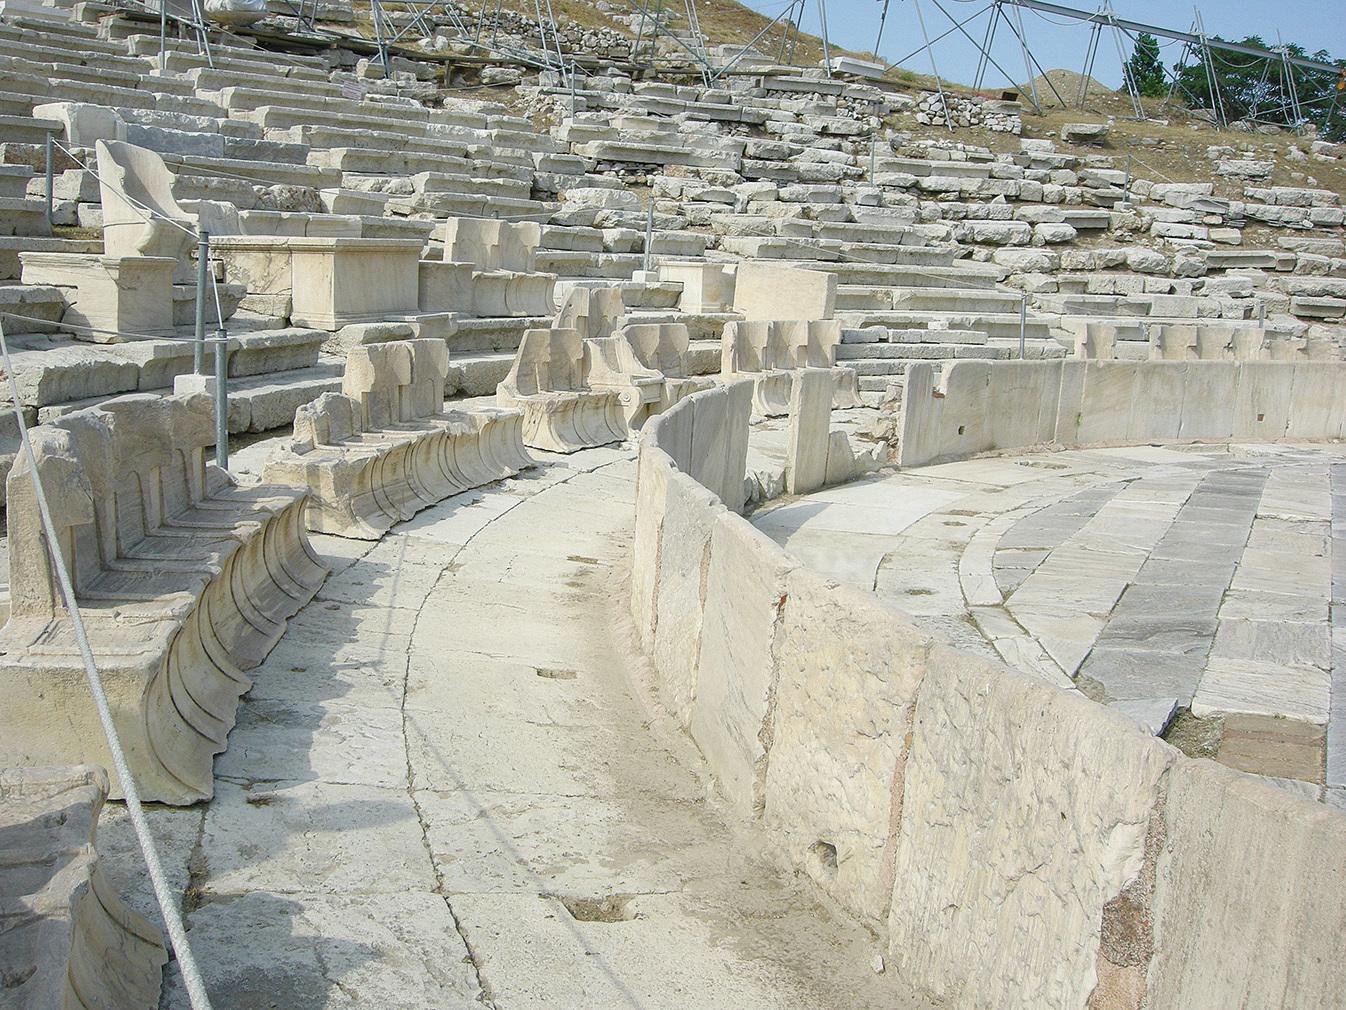 狄俄倪索斯劇場體現古希臘文化特點,觀眾席建成比較緩的斜坡。(Sailko/Wikipedia)